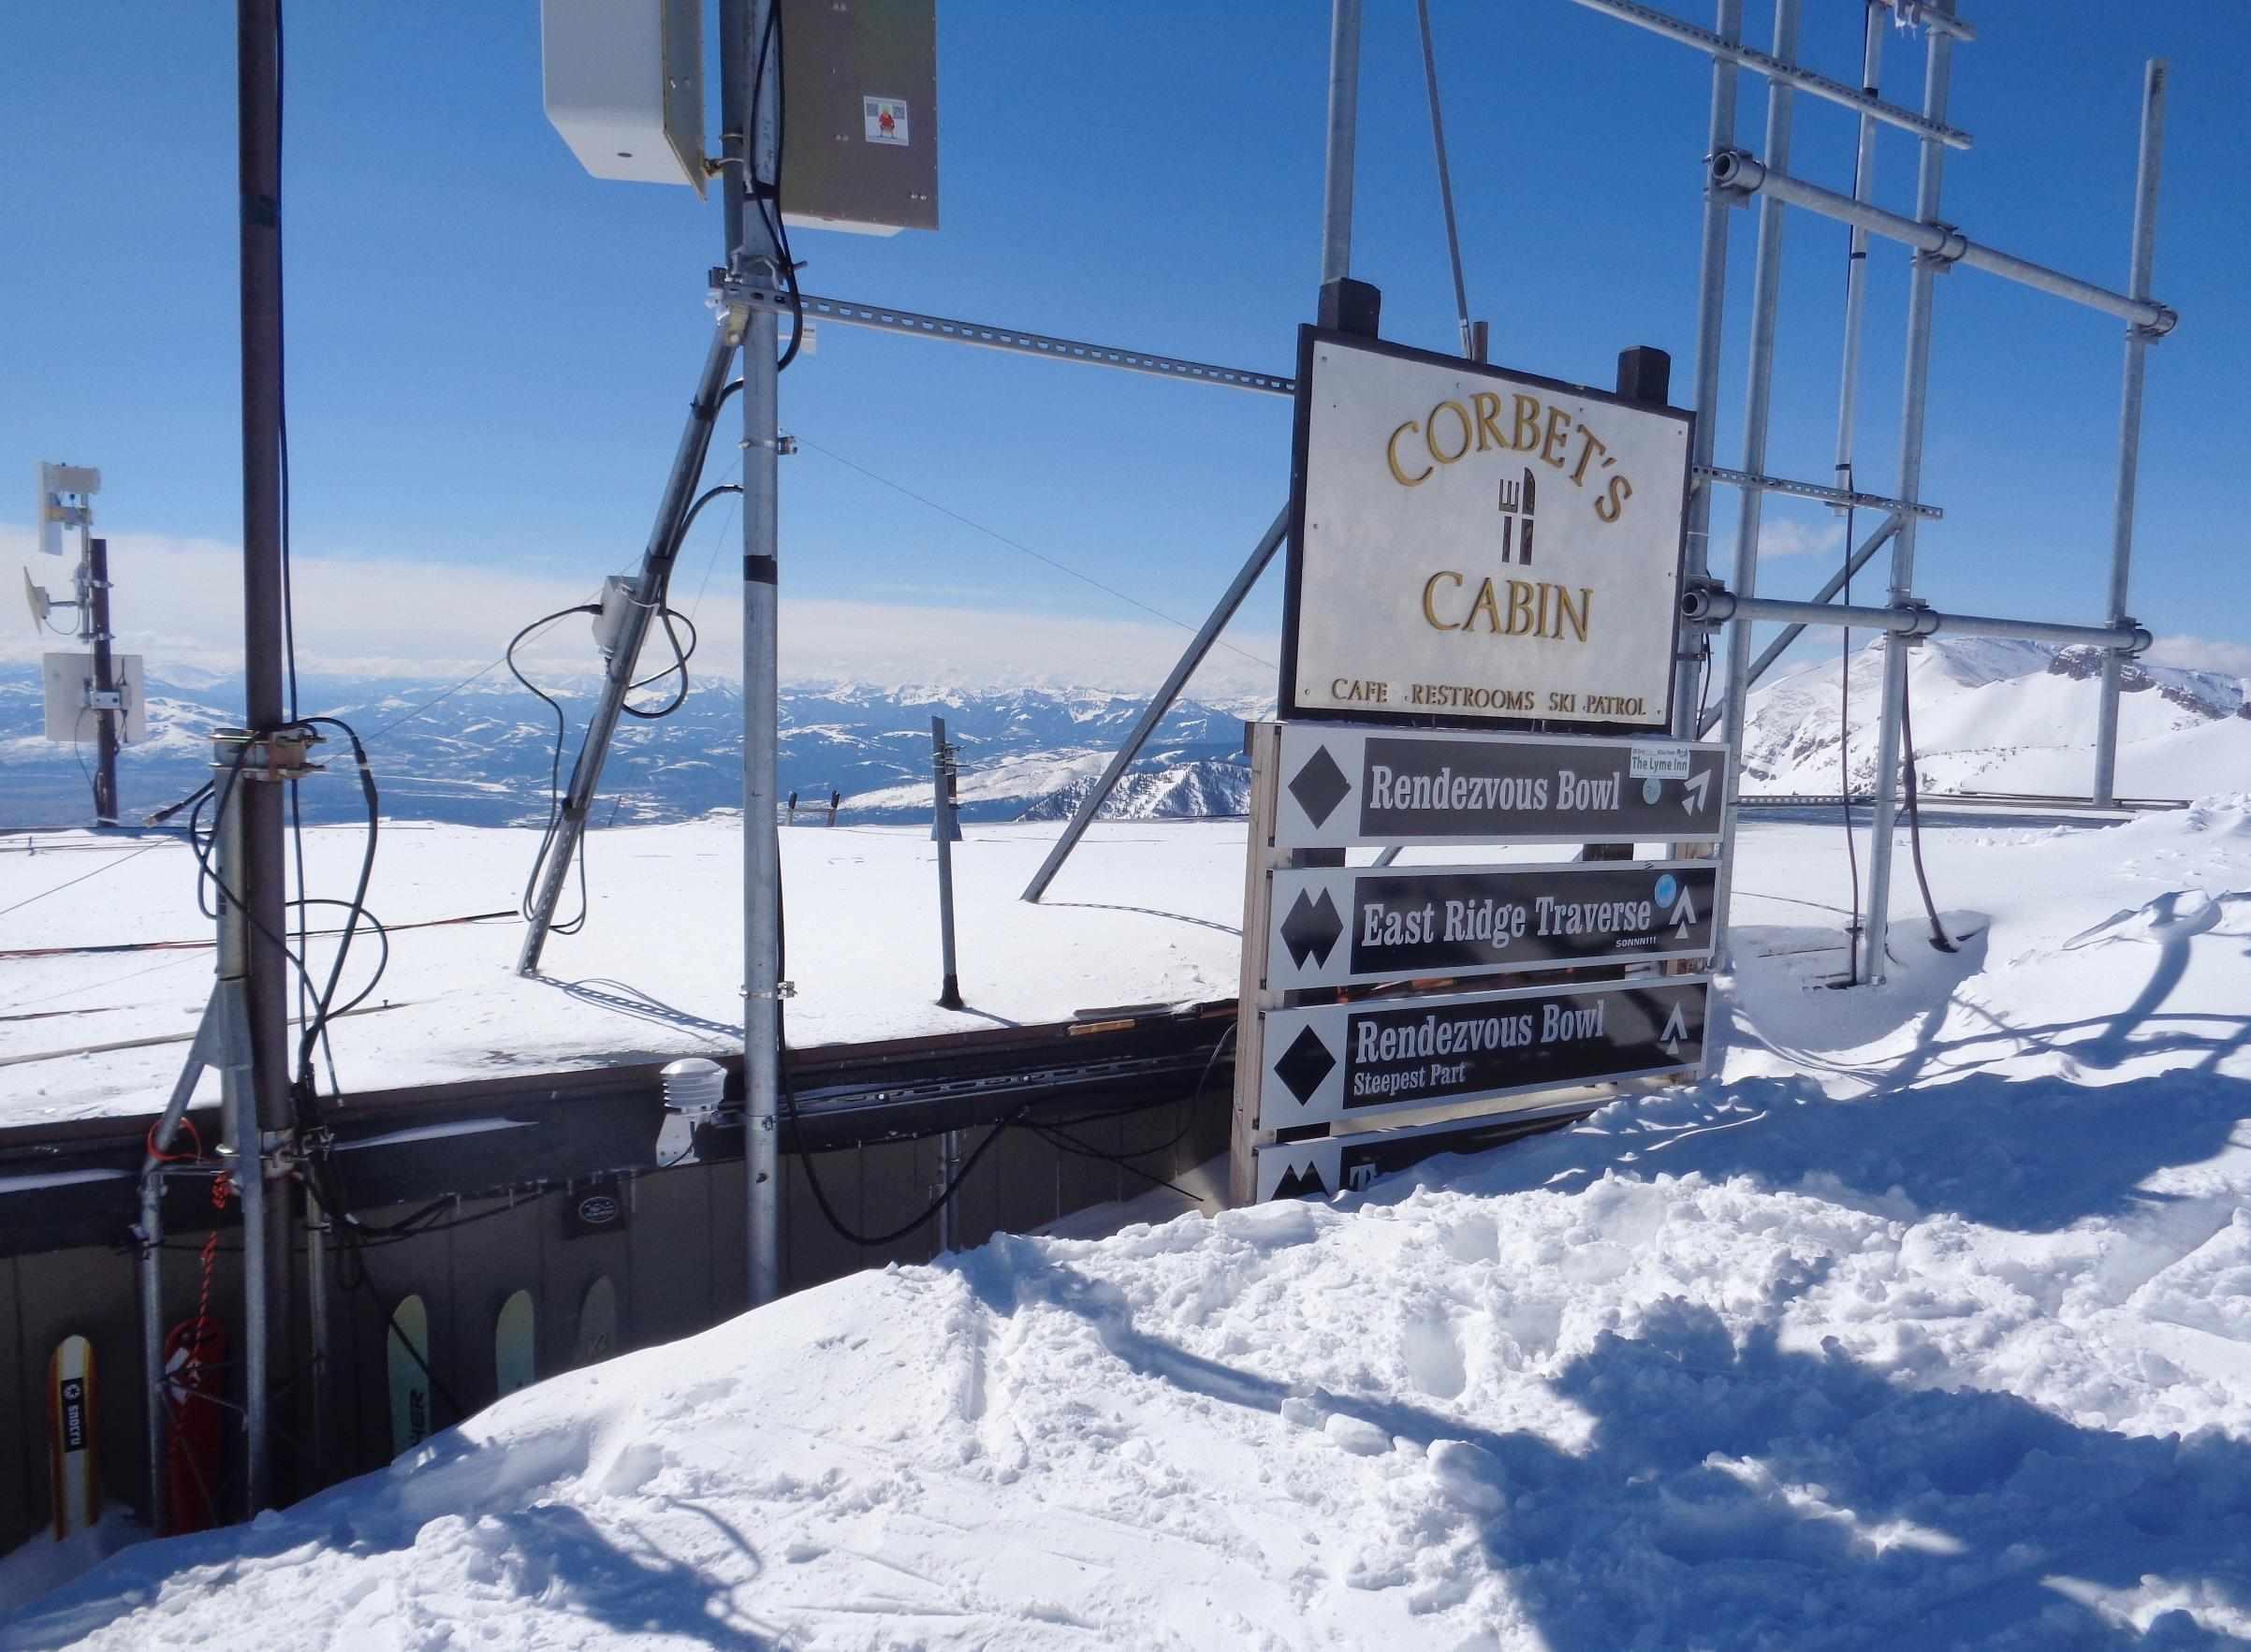 Top of Tram Cabin